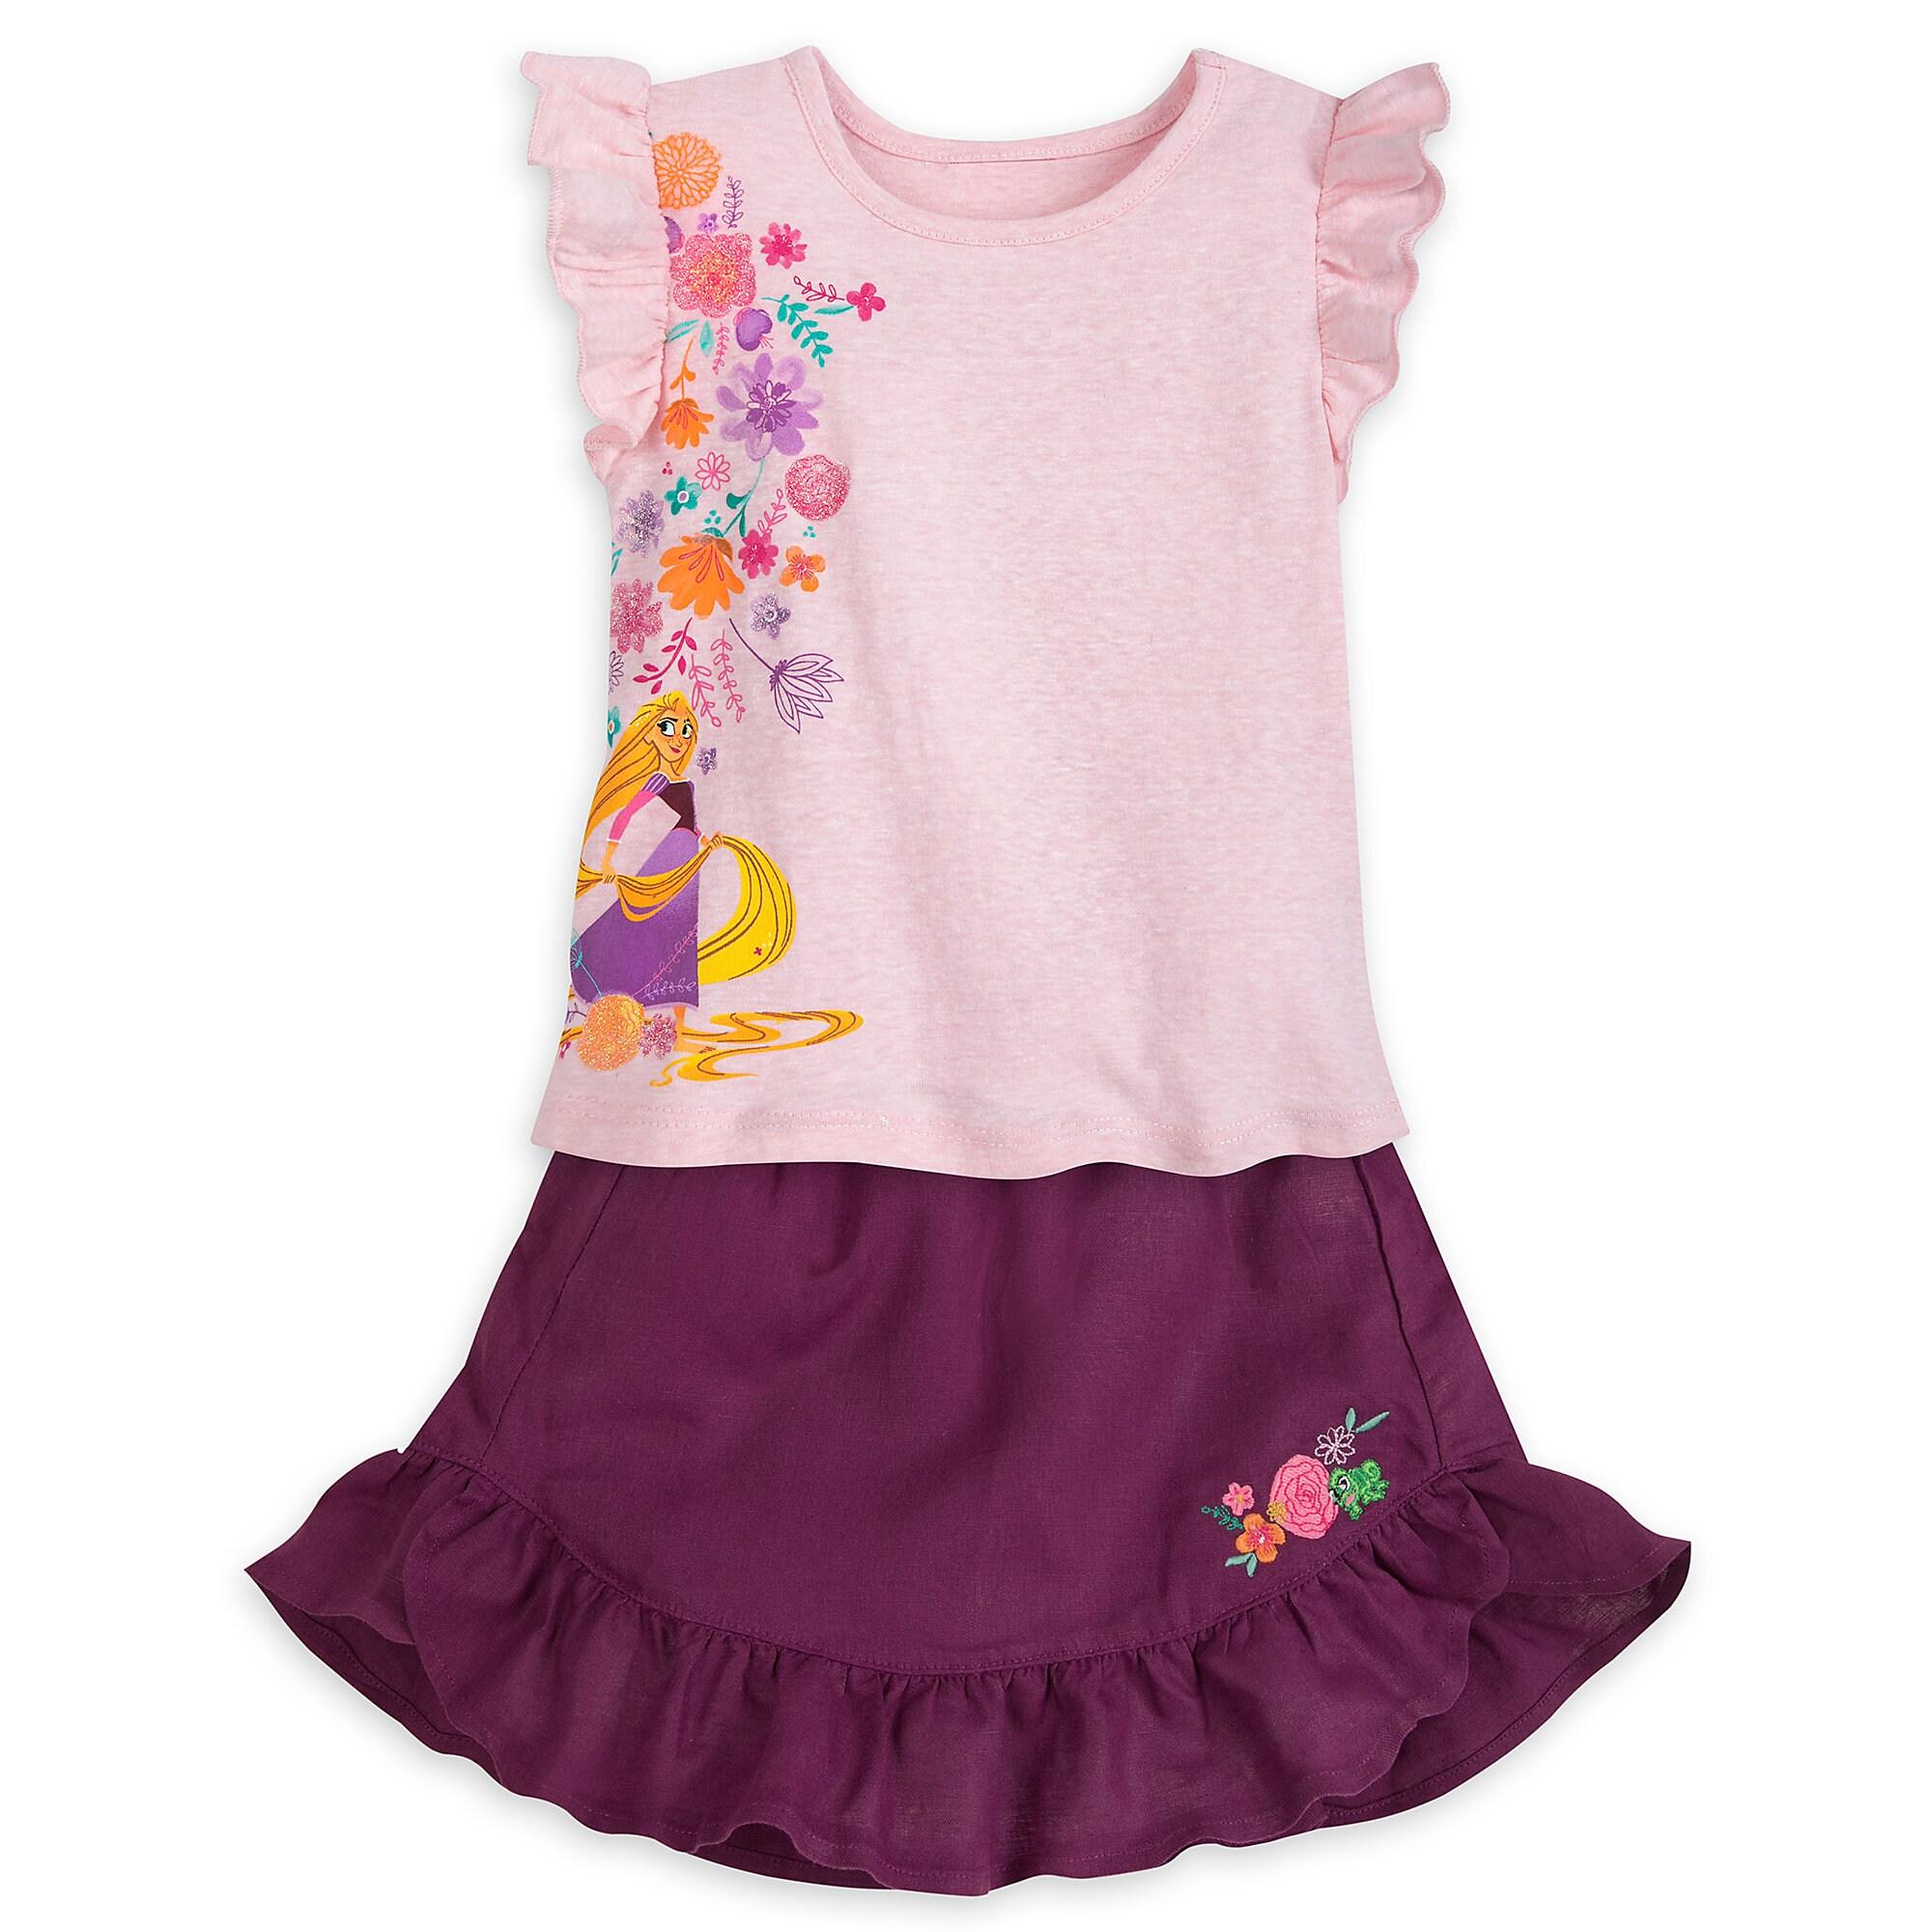 Rapunzel Skirt Set for Girls - Tangled The Series